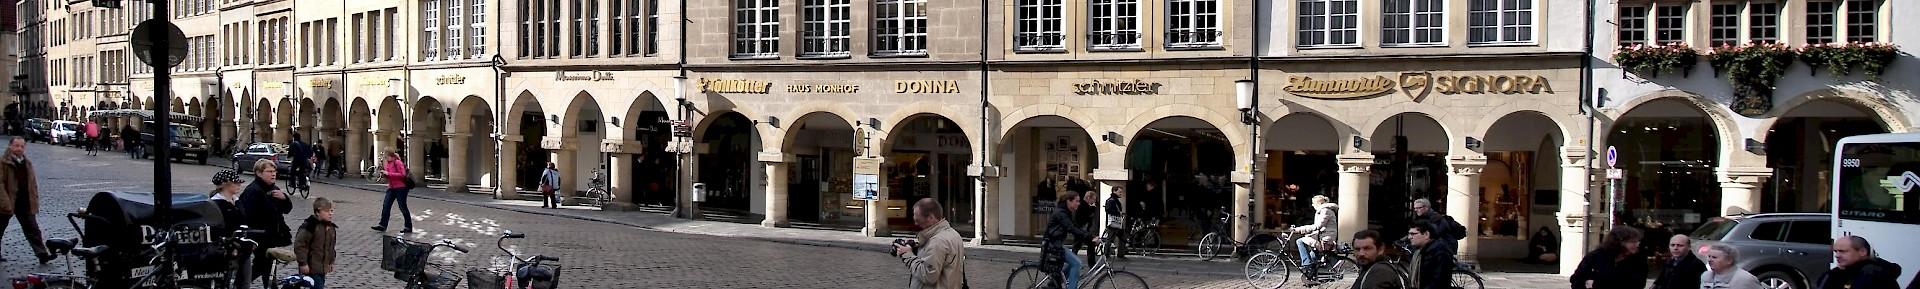 De prinzipalmarkt in de binnenstad van Münster